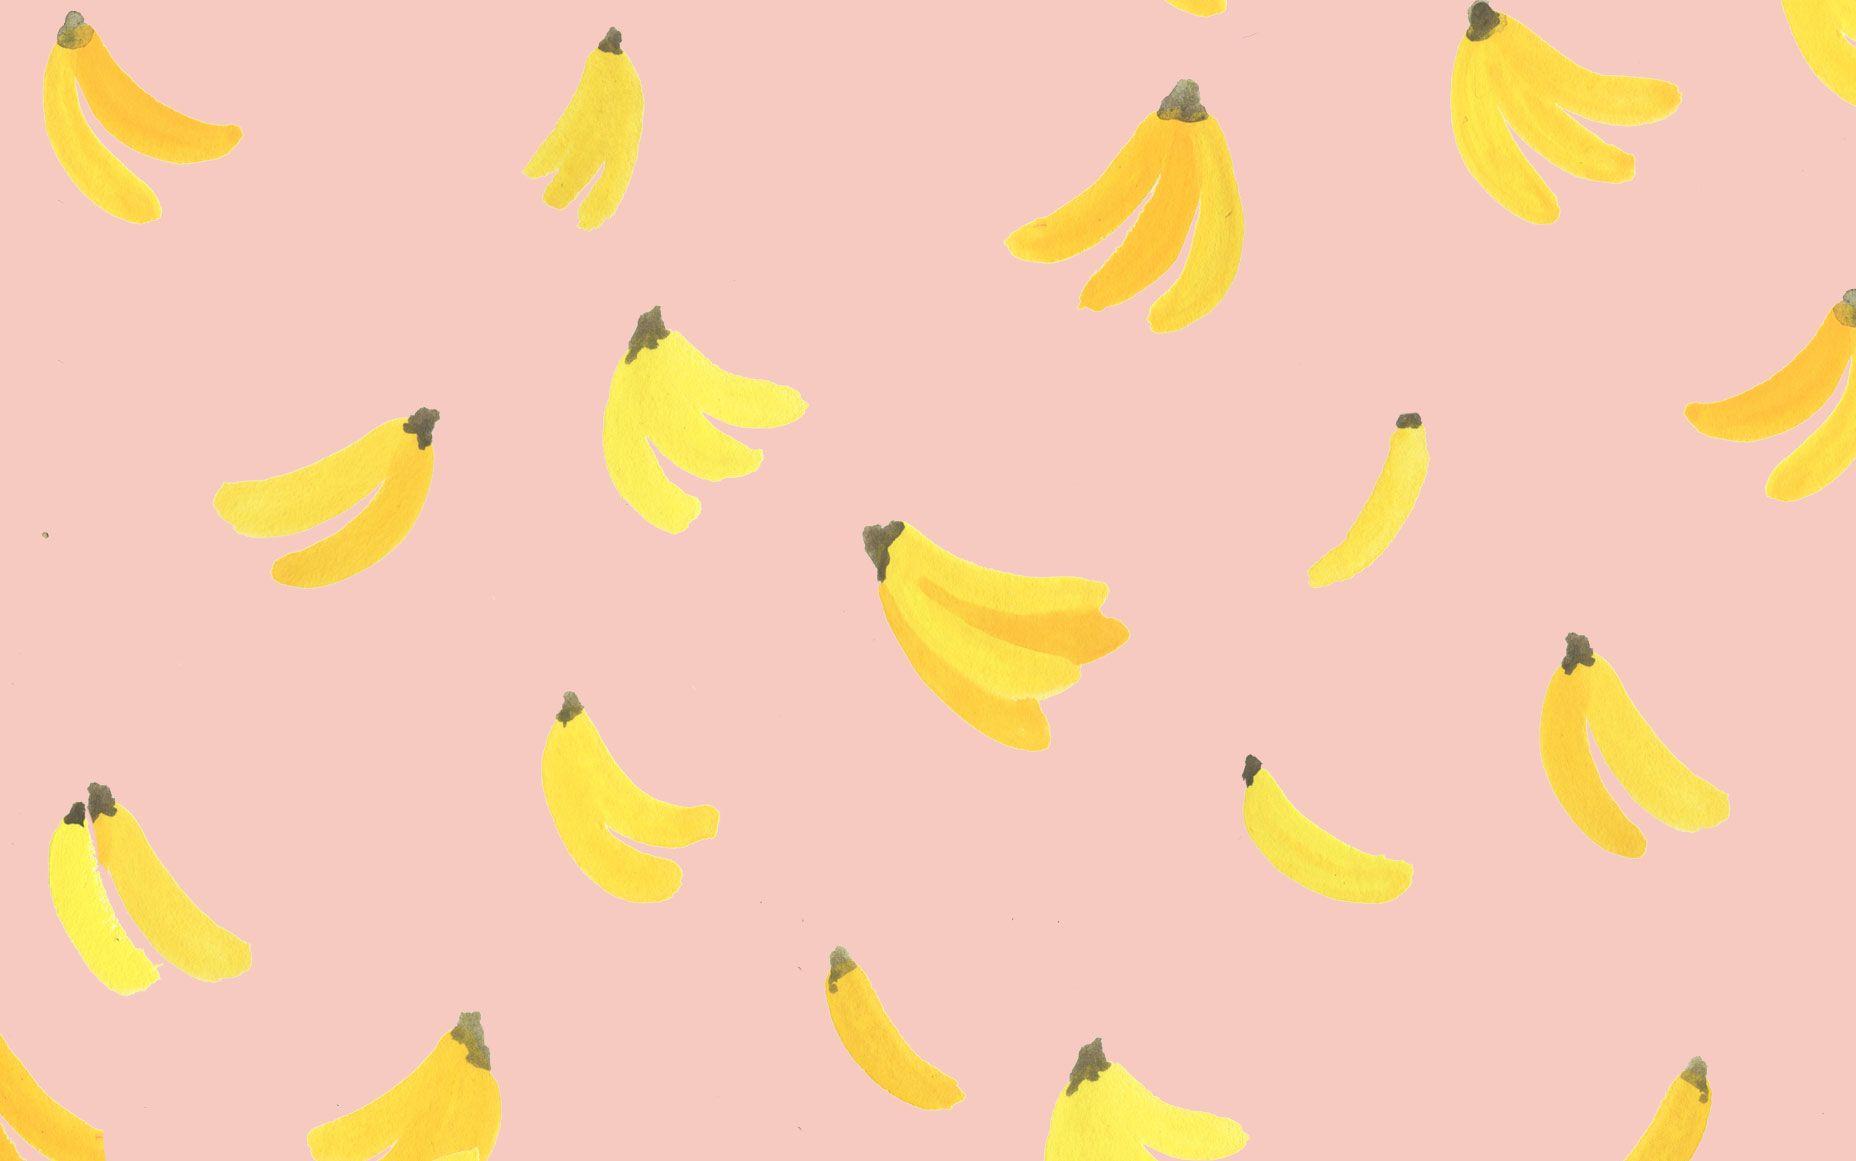 EllieDeneroff_DressYourTech_Bananas.jpg (1856×1161